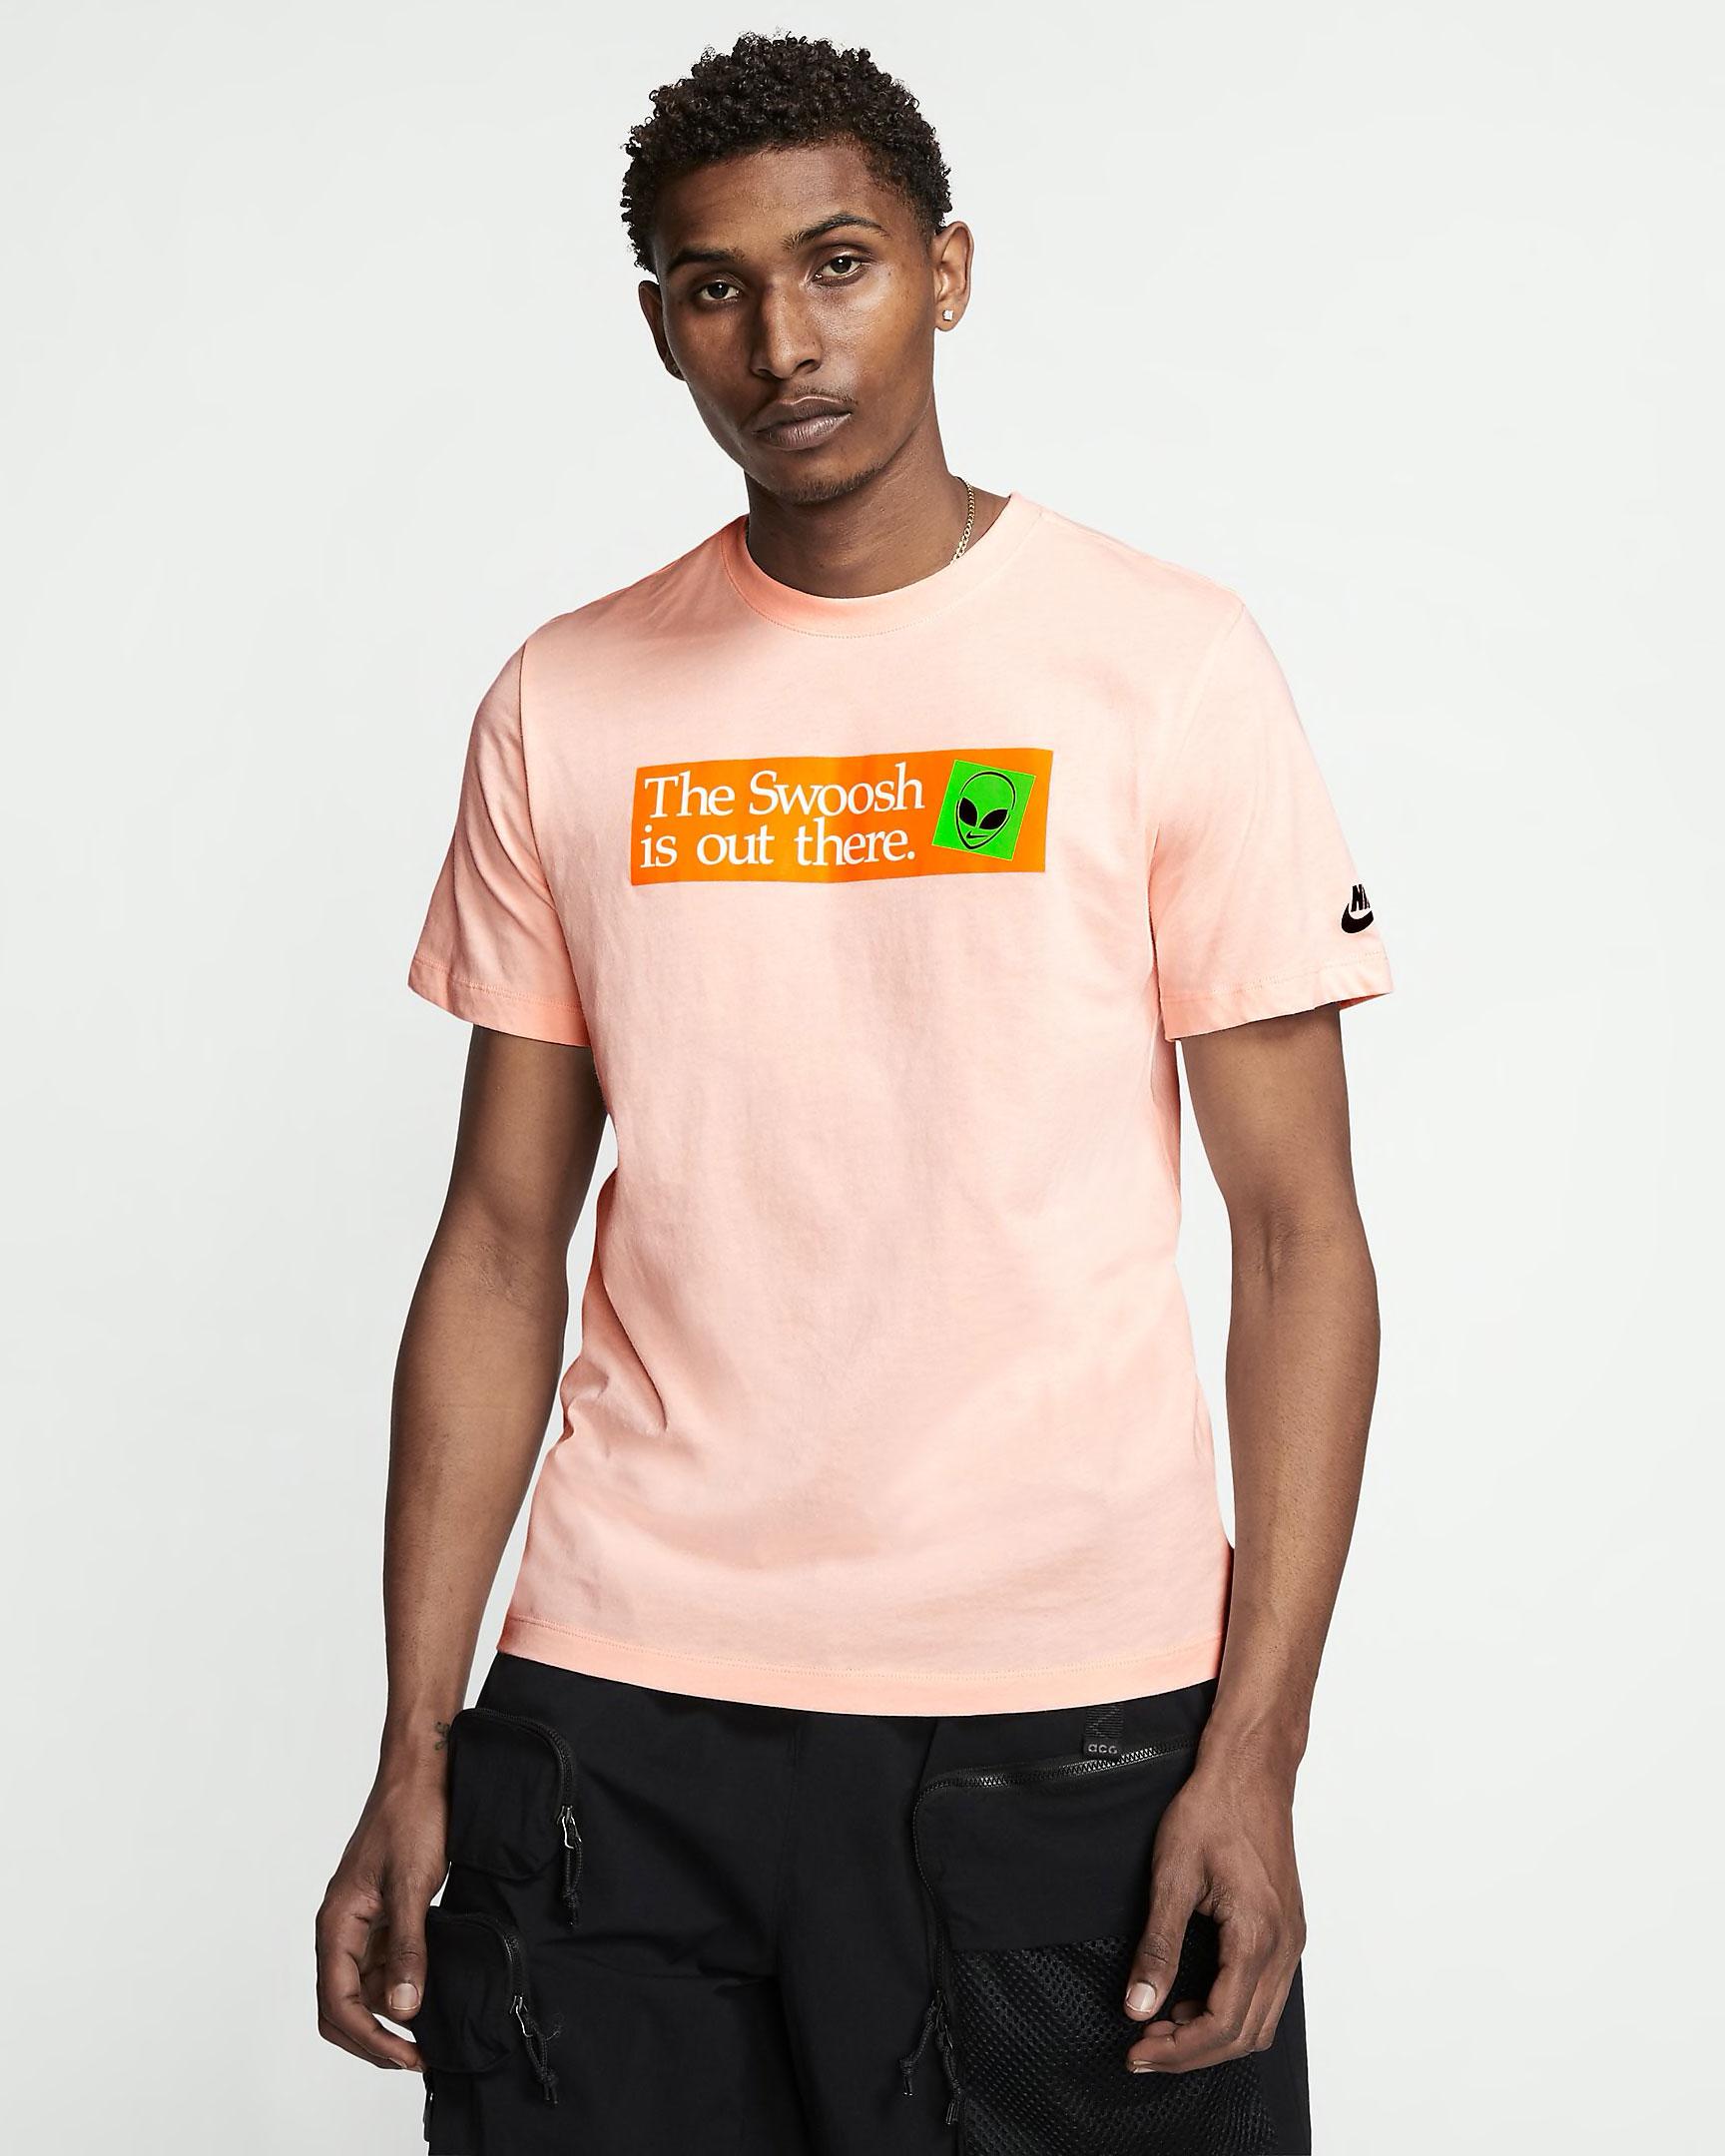 nike-air-max-95-alien-shirt-1